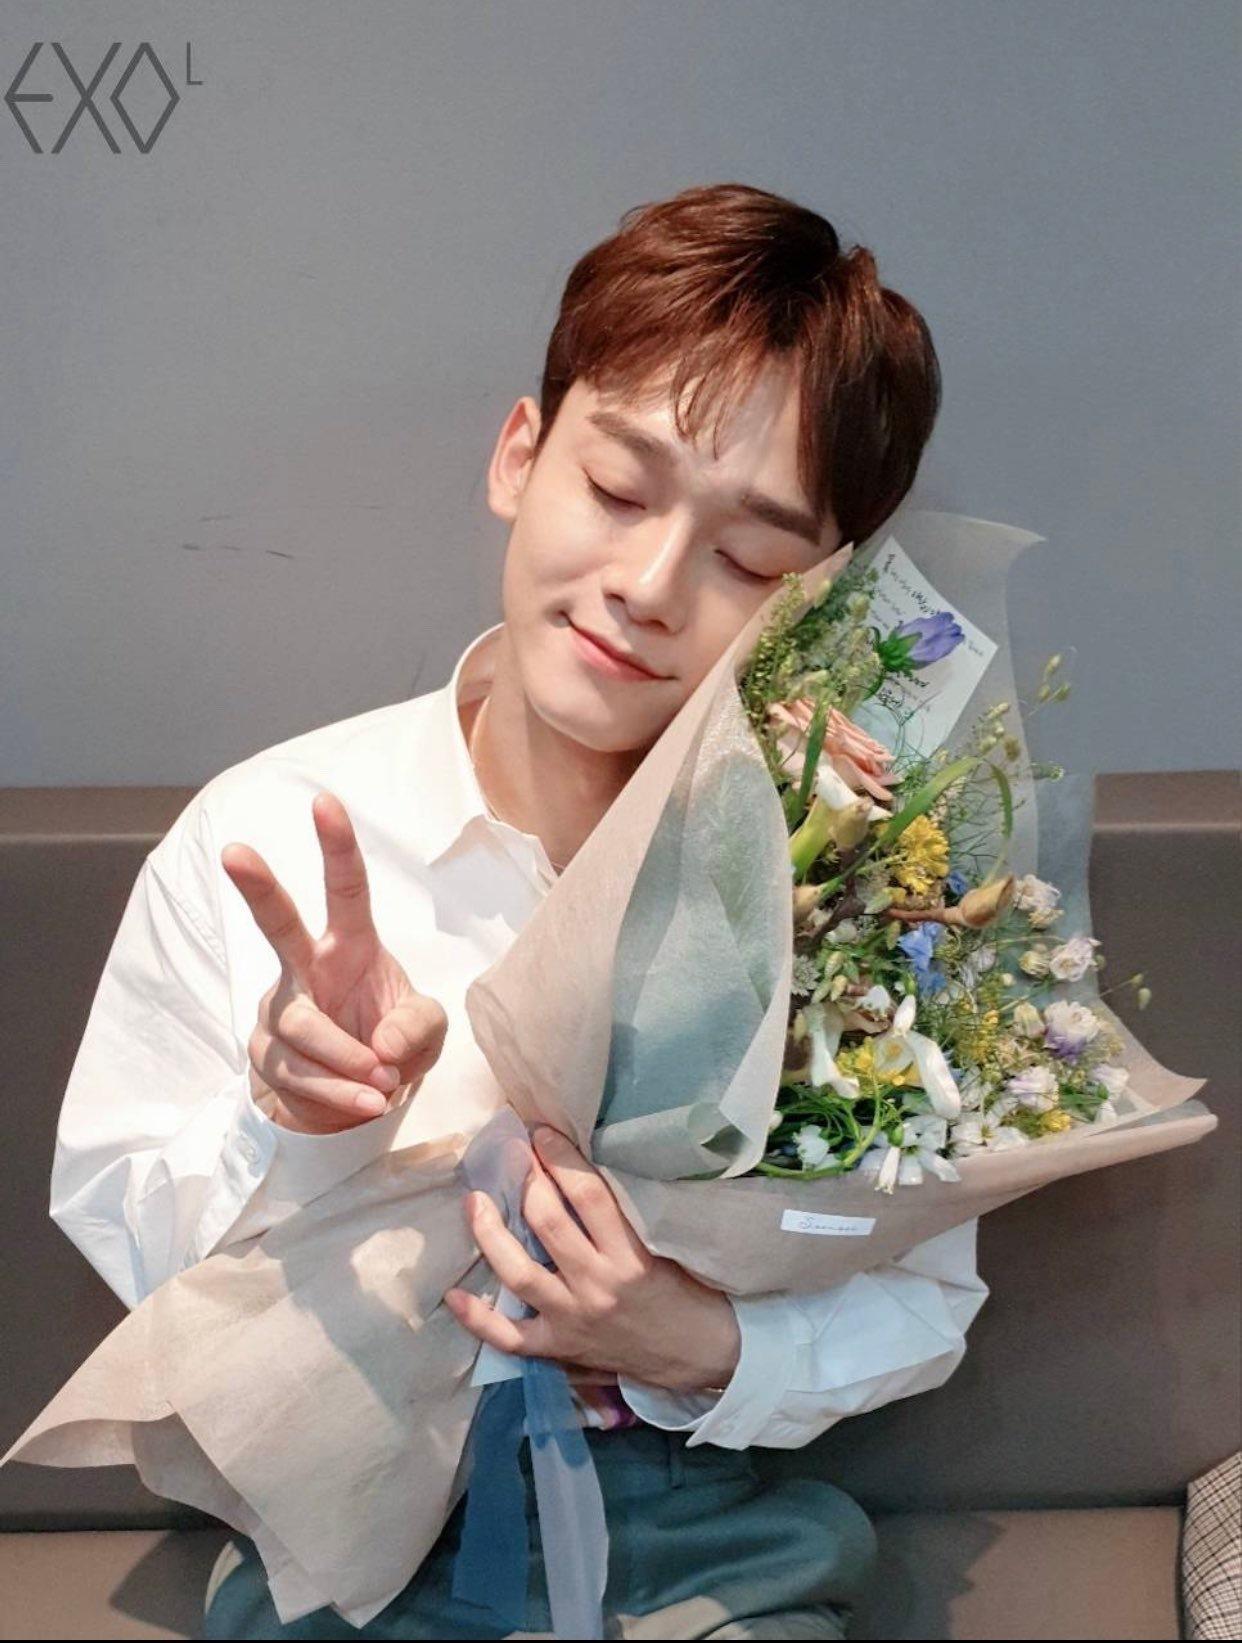 Chen的婚訊傳出後,粉絲大受打擊。